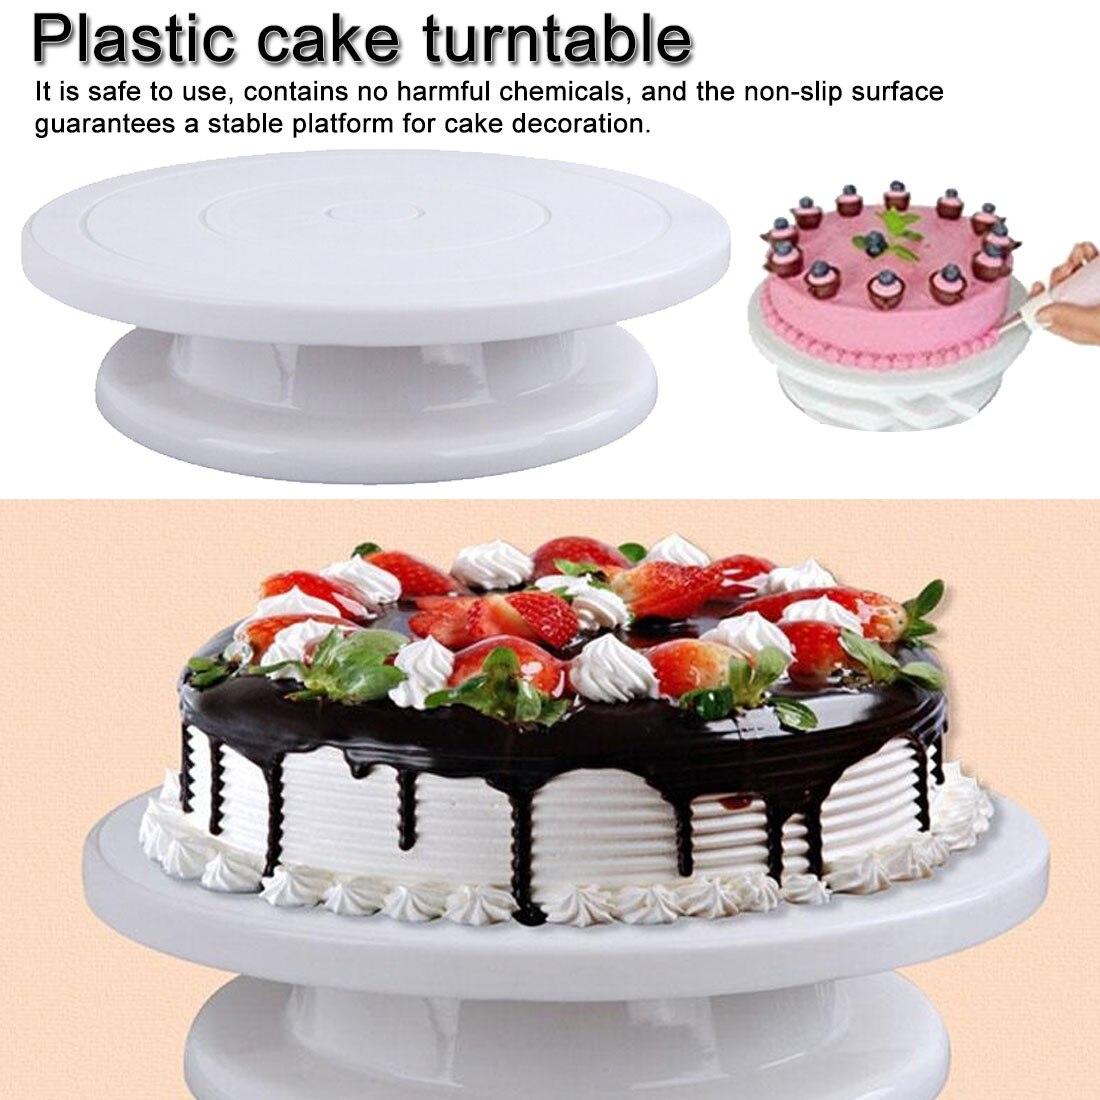 1 шт. Кухонные гаджеты 28 см пластиковая подставка для торта Поворотная подставка для торта для украшения поворотного стола противоскользящая круглая подставка для торта Поворотная сковорода|Формы для тортов| | АлиЭкспресс - Принадлежности для выпечки